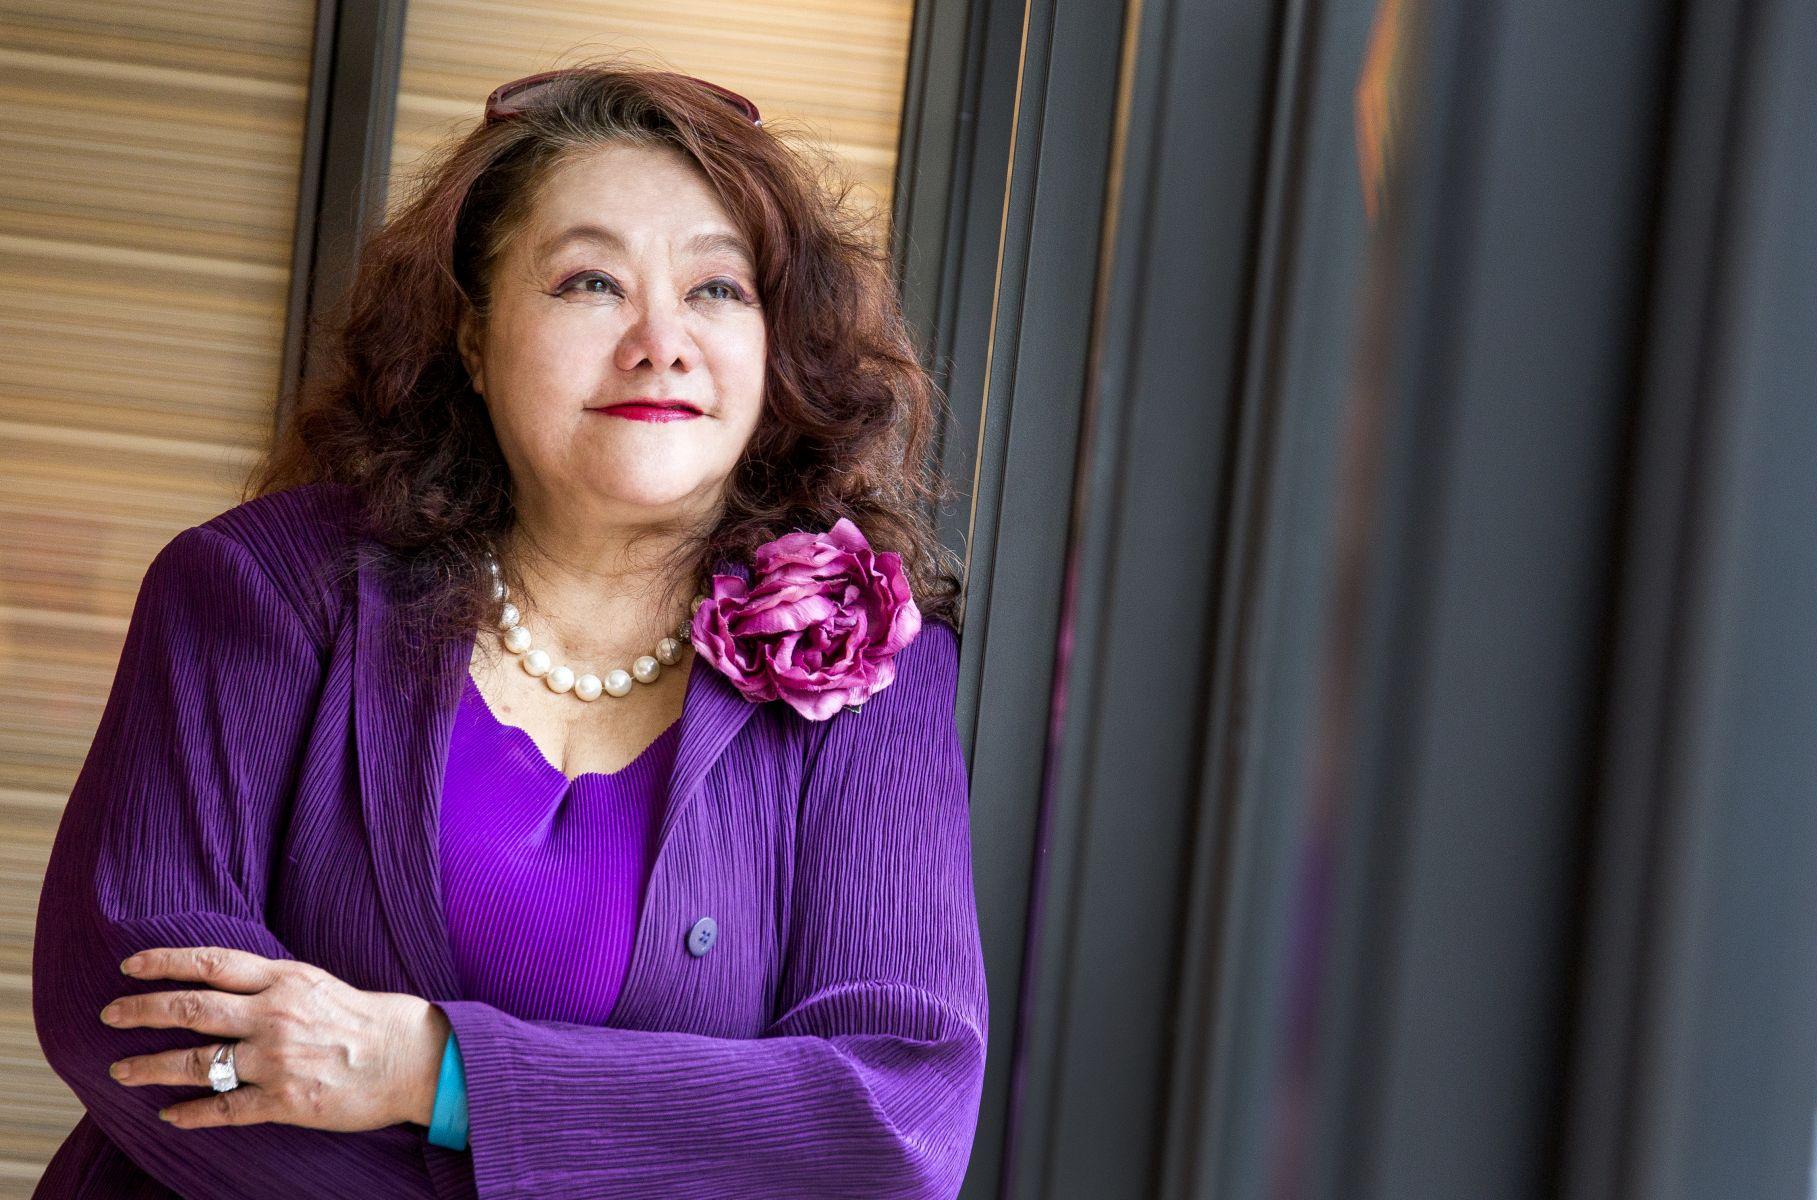 想加薪、升遷,該如何讓自己被看見?在美國職場奮鬥20年的她認為「沒有懷才不遇」這回事